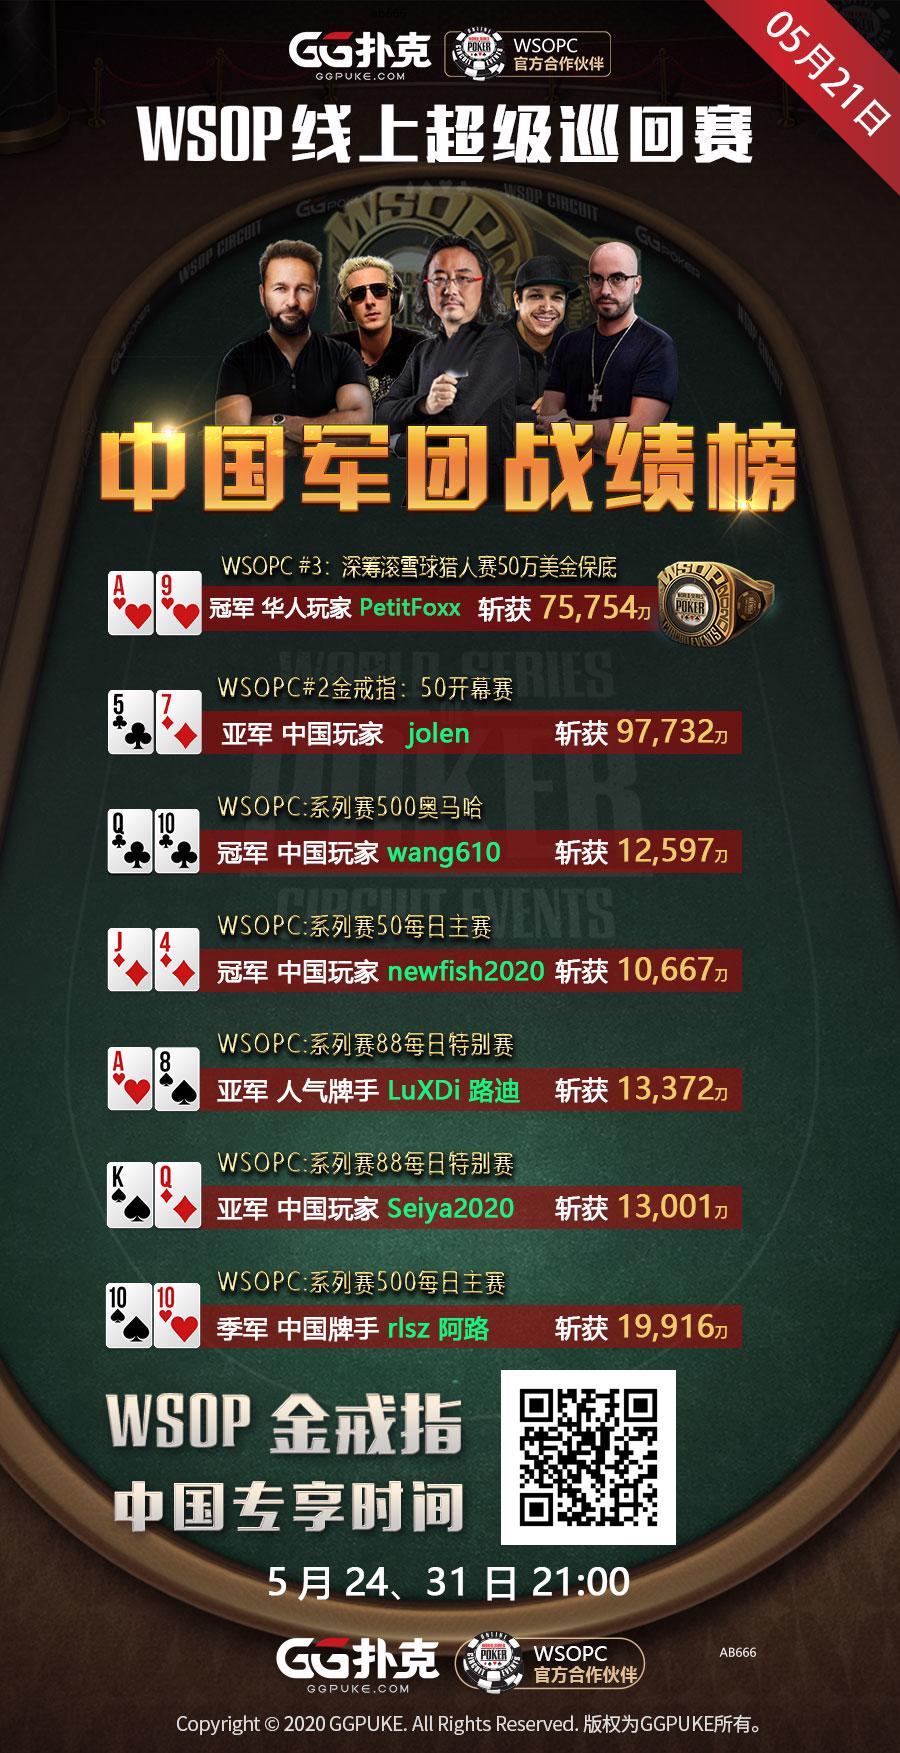 【GG扑克】WSOPC每日赛况更新!5月21日 中国军团战绩榜